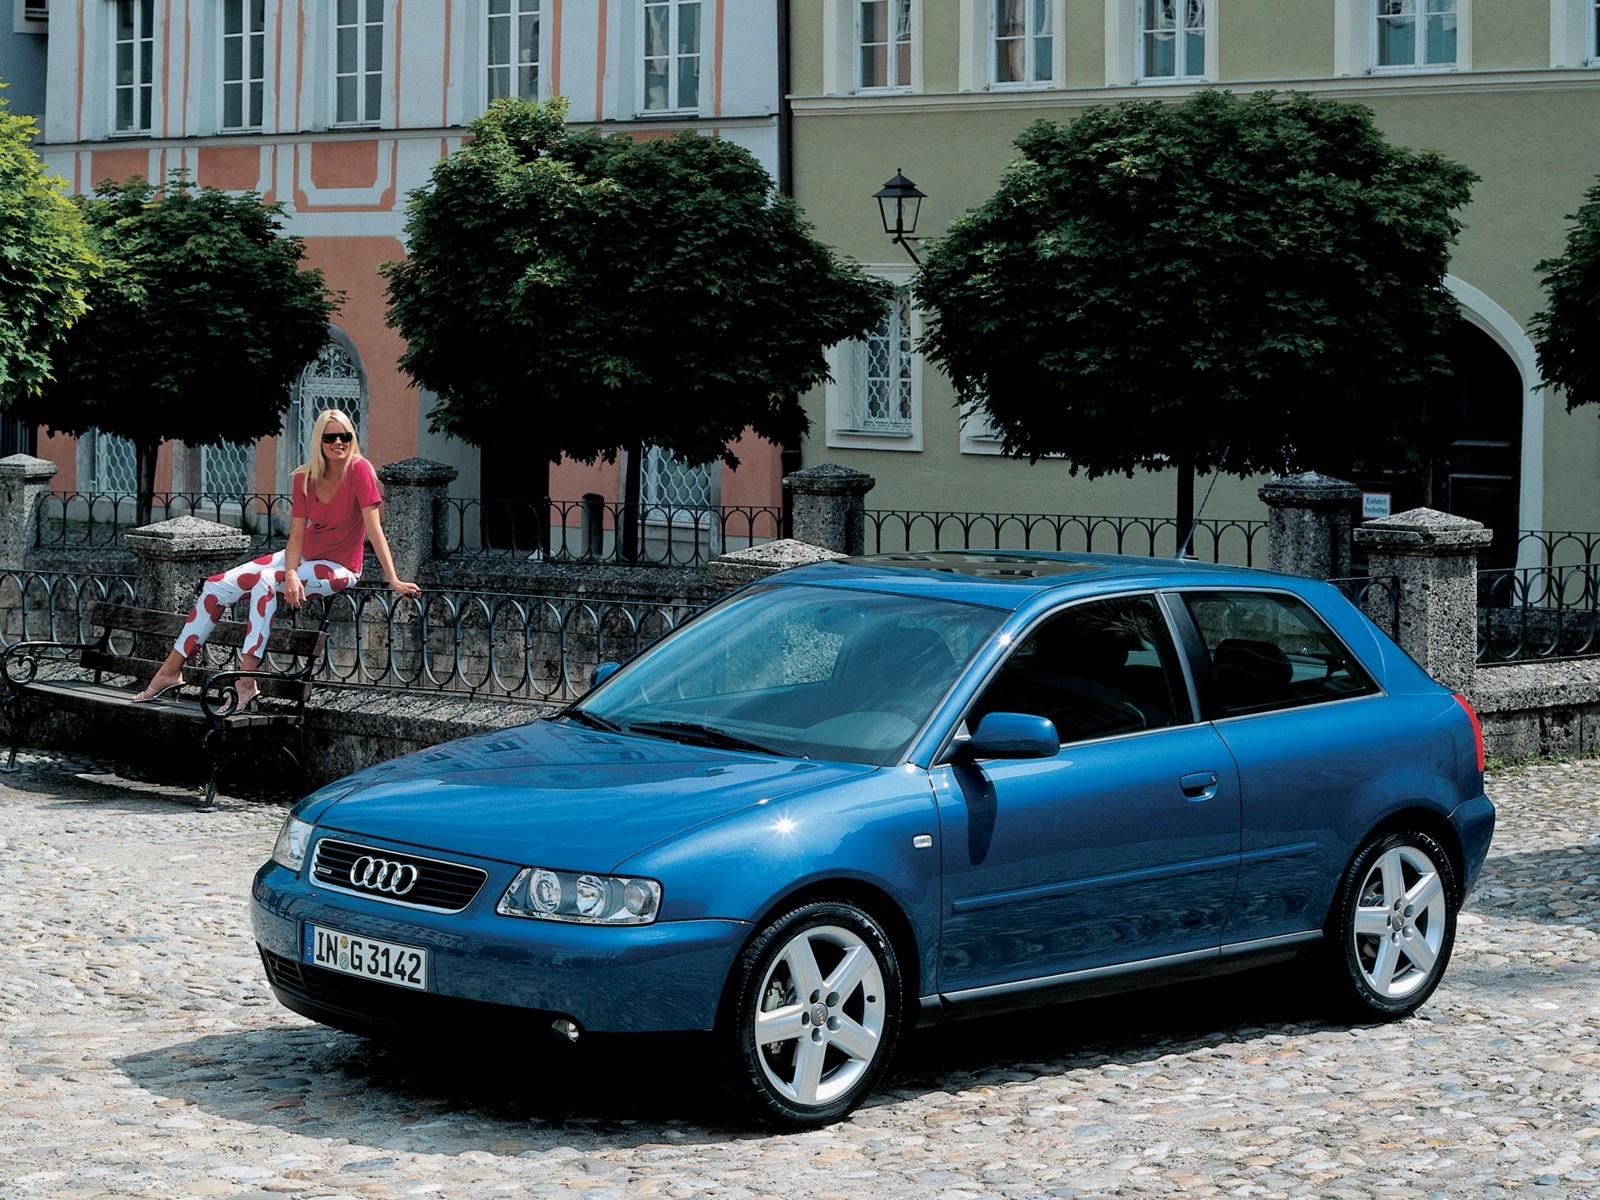 Audi A3 Specs Photos 1996 1997 1998 1999 2000 2001 2002 2 8l Engine Oil Diagram 2003